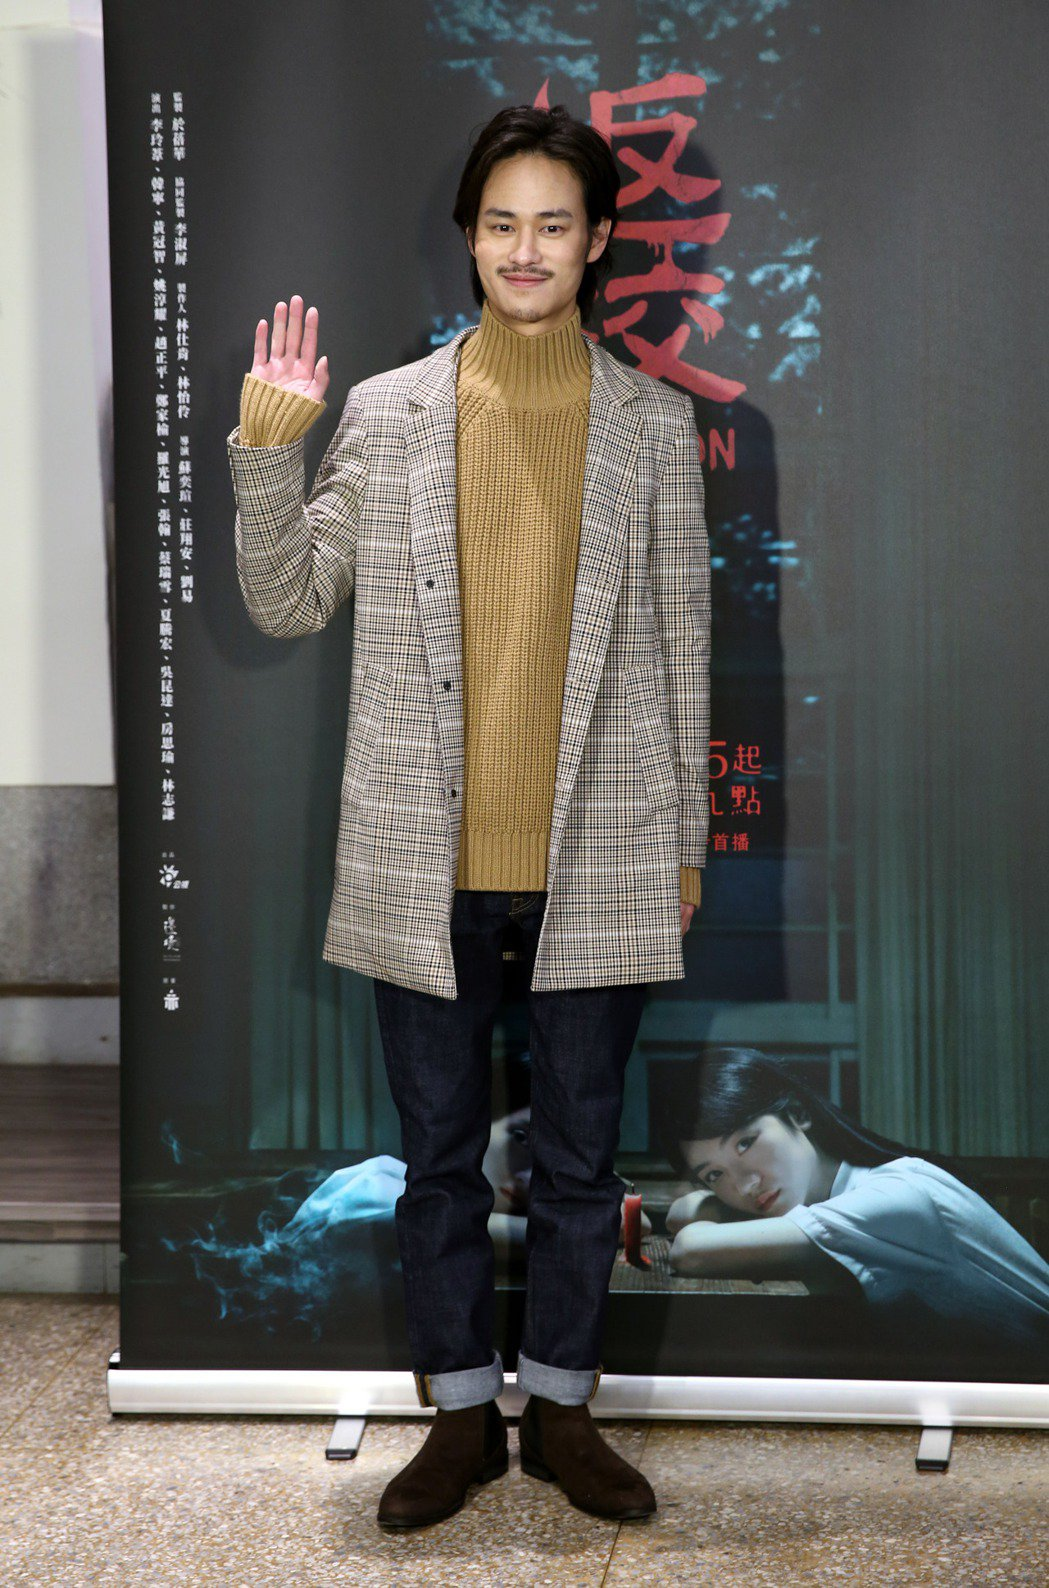 公視《返校》影集舉行媒體見面會,演員夏騰宏出席。記者邱德祥/攝影